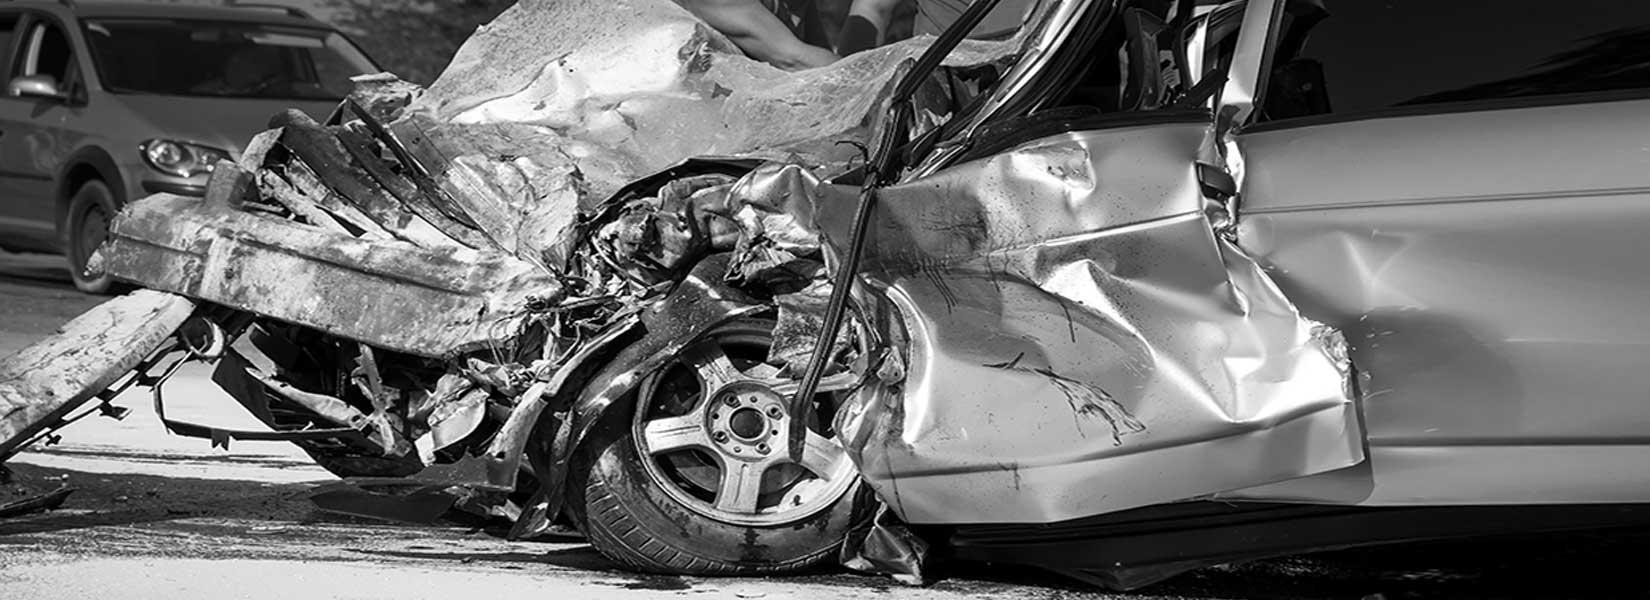 Atlanta Georgia Auto Wreck